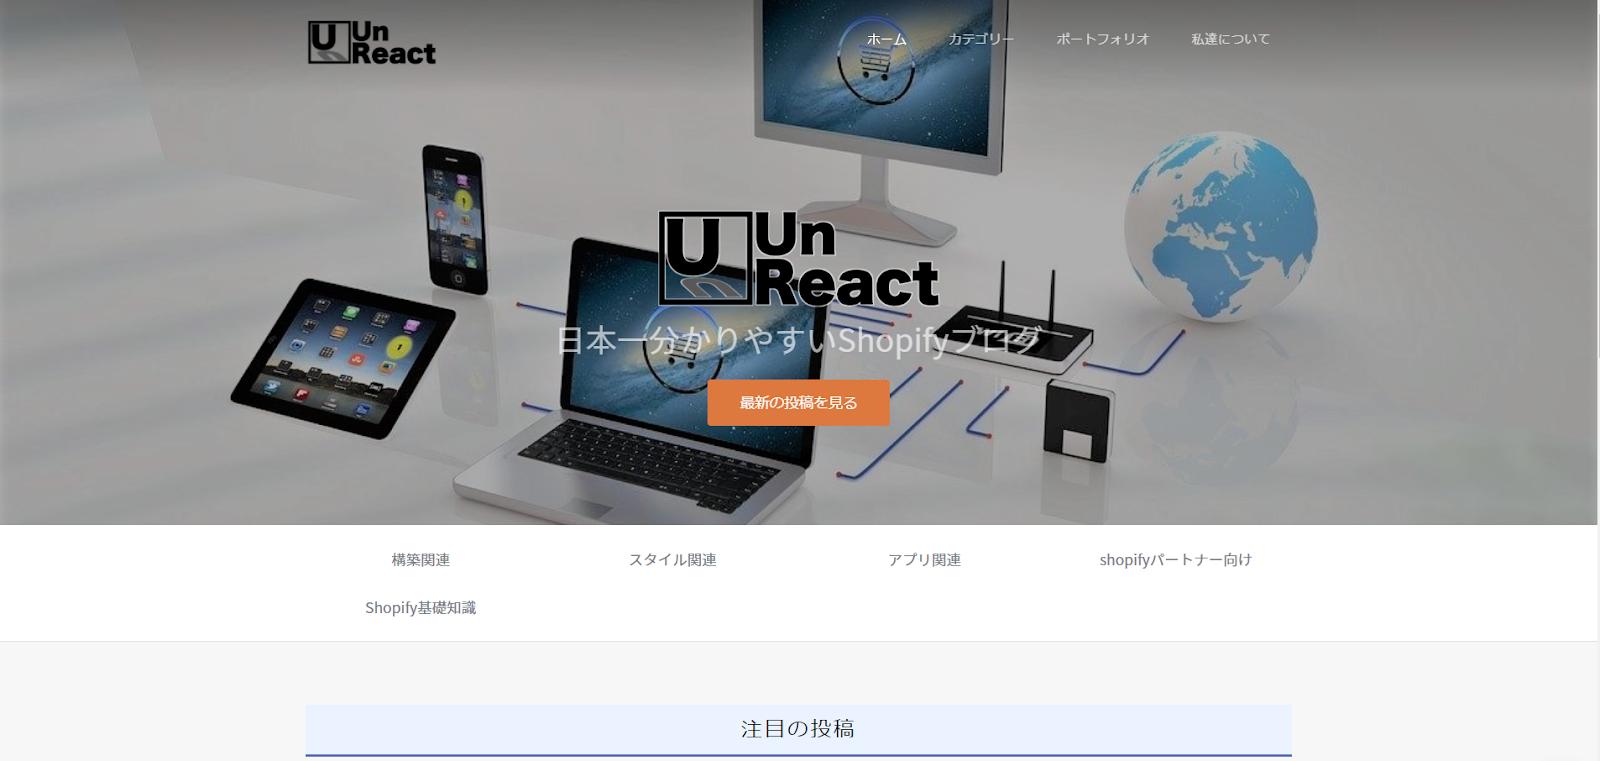 株式会社UnReact公式ページ